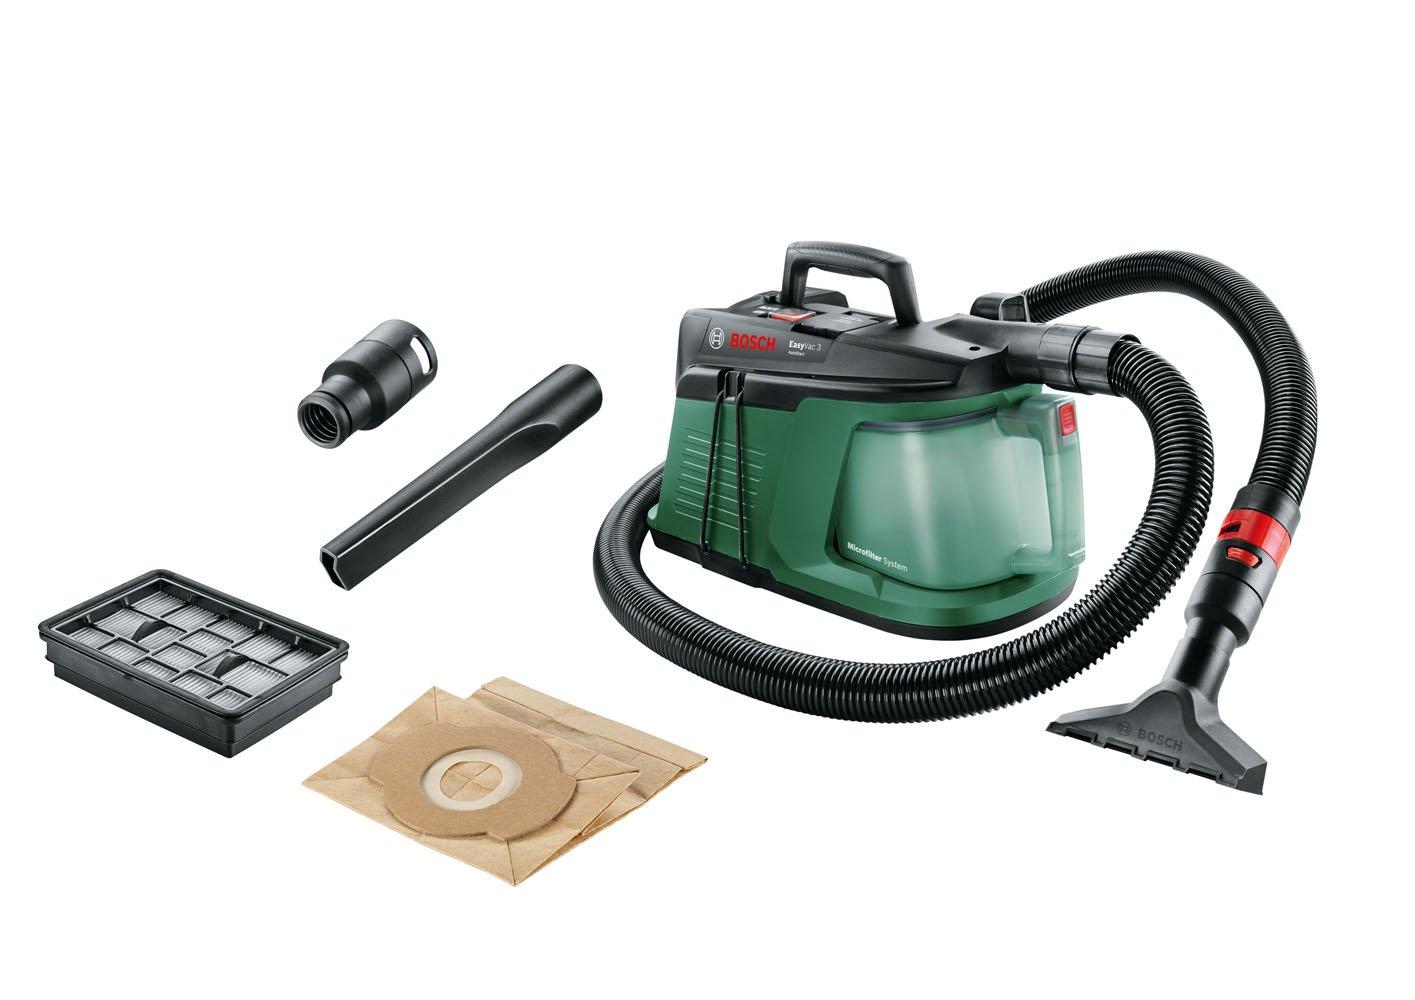 Acquisto Bosch Home and Garden 06033D1000 Aspiratore Compatto, 700 Watt, W, Verde Prezzo offerta